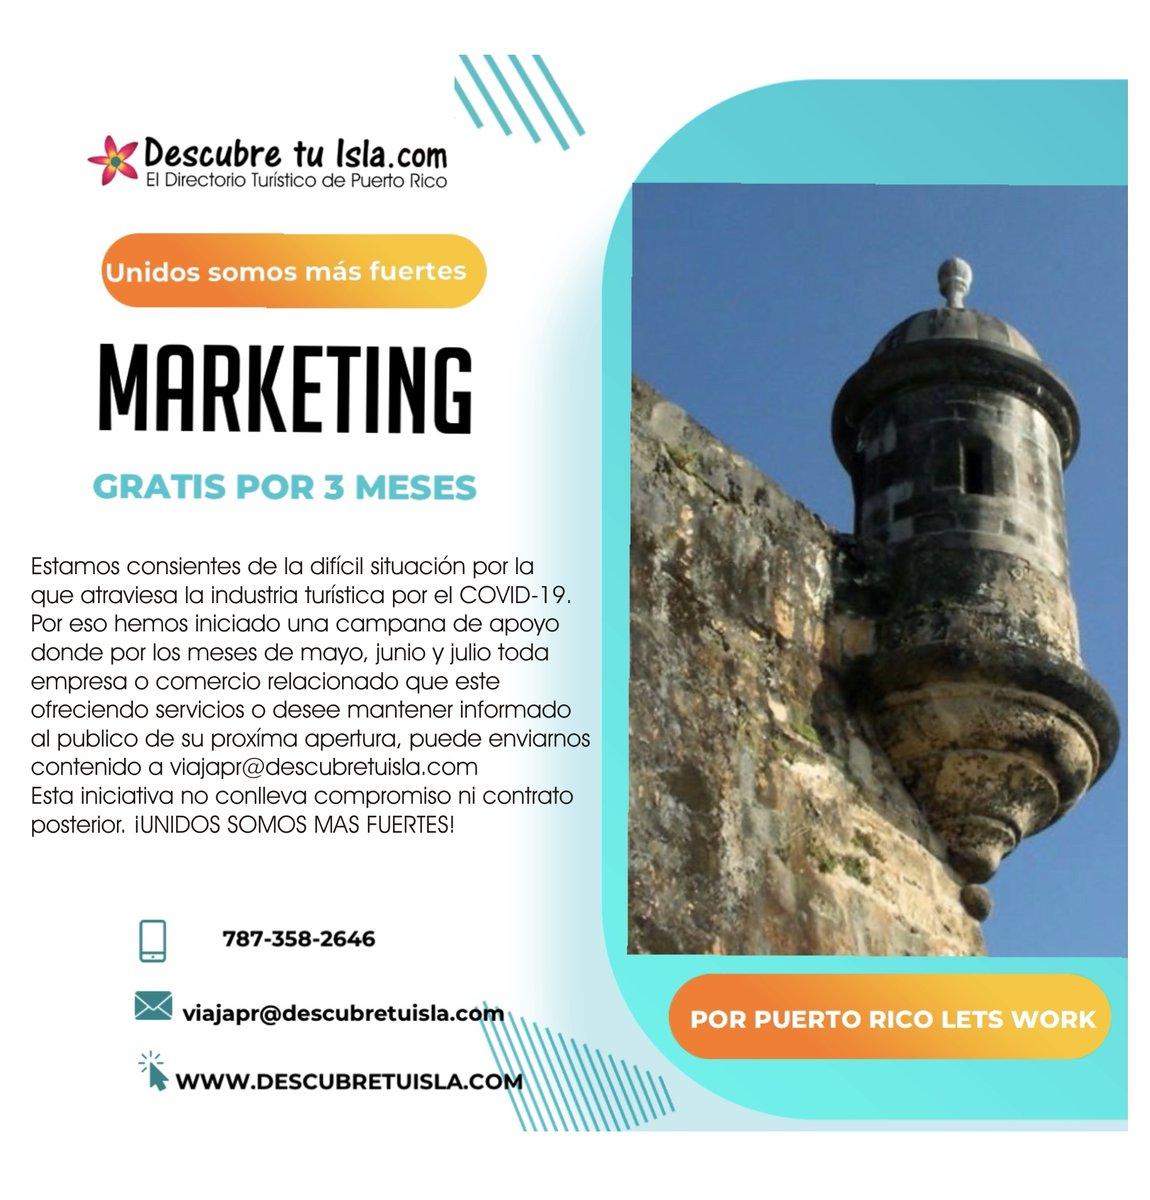 Apoyando la industria Turística ¡Descubre Tu Isla!  El Directorio Turístico de Puerto Rico #PuertoRico #DescubreTuIsla #Turismo #Tourist #Vacaciones #Travel #Traveler #Tourist #Trip